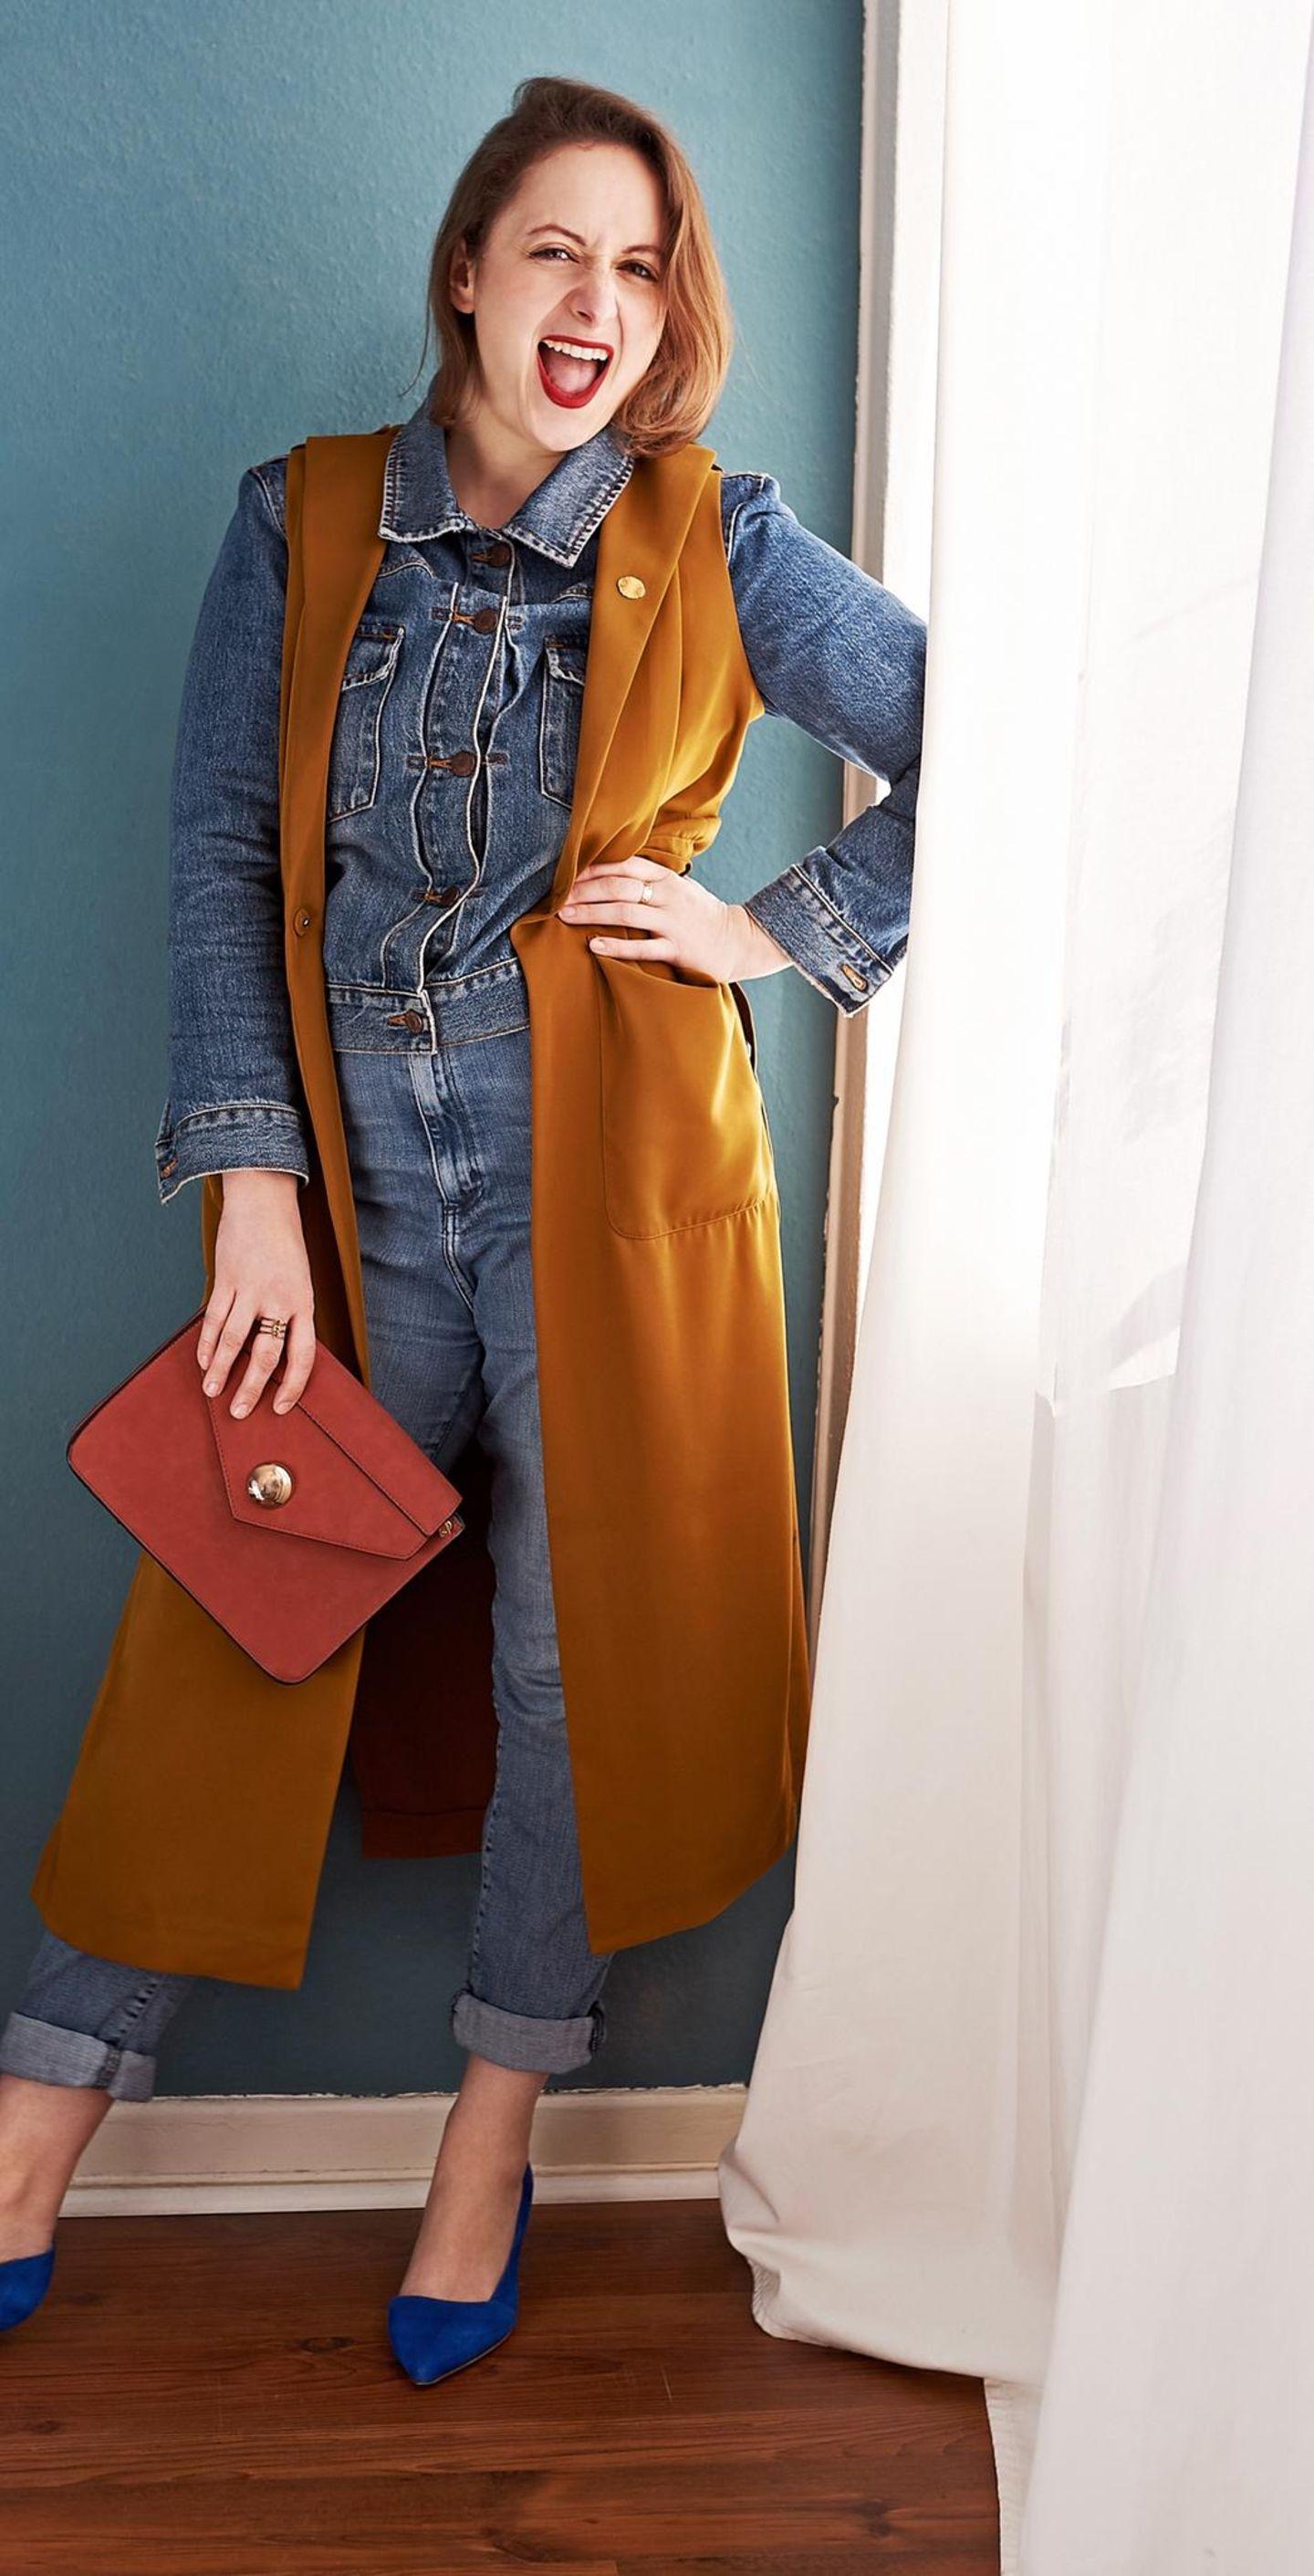 Kleidung kombinieren: Outfit 1